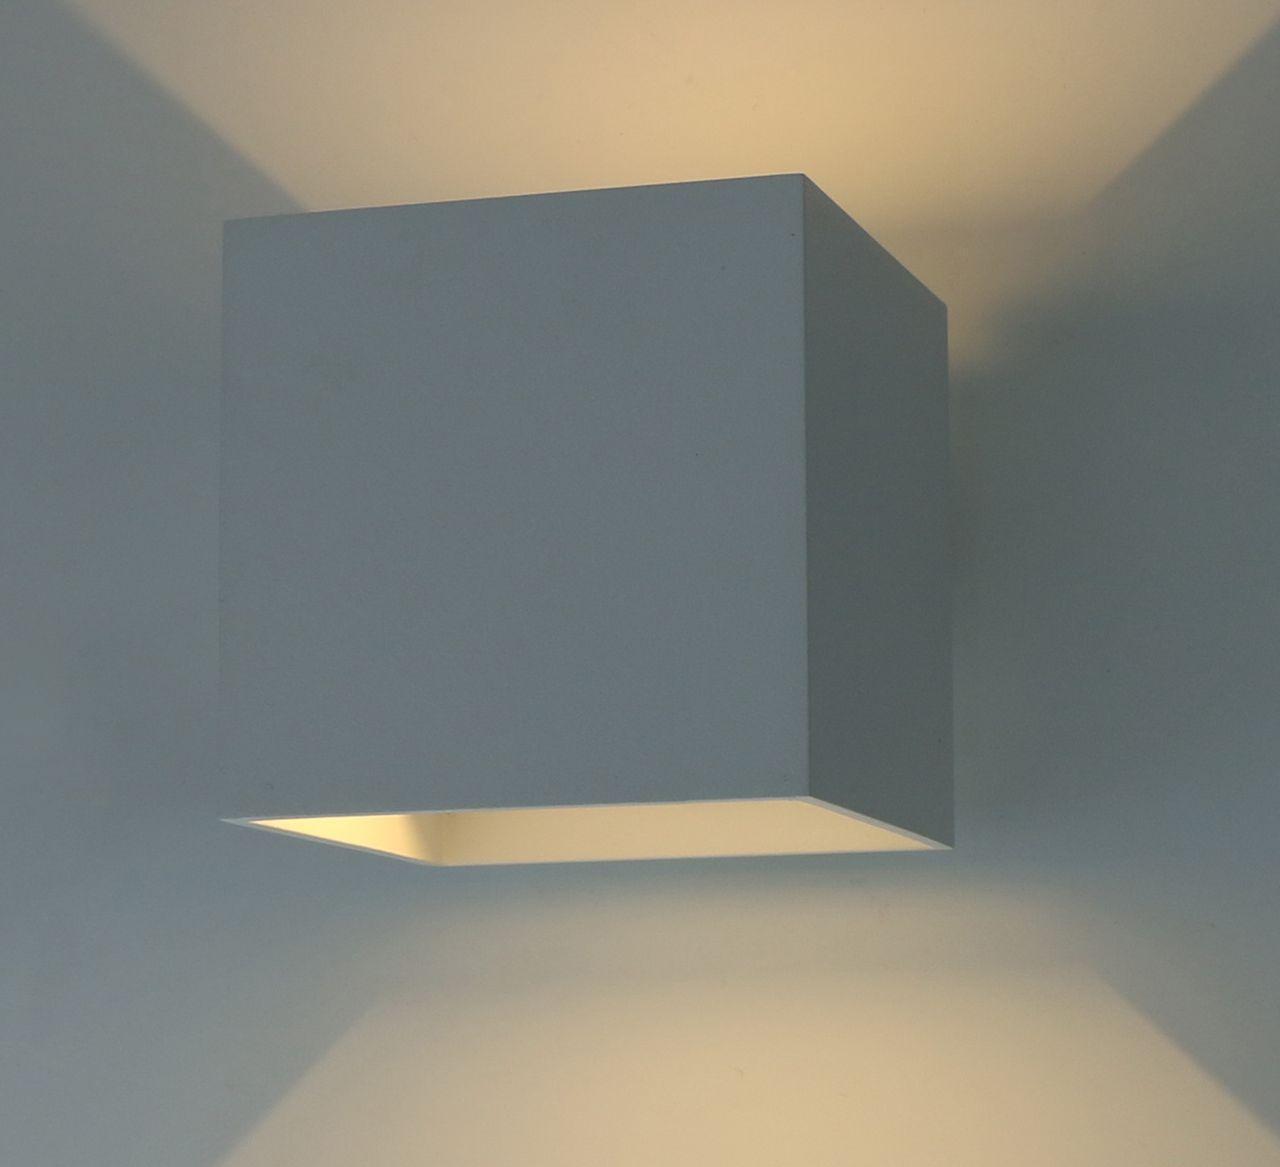 Уличный настенный светодиодный светильник Arte Lamp Rullo A1414AL-1WH накладной светильник arte lamp a1414al 1wh